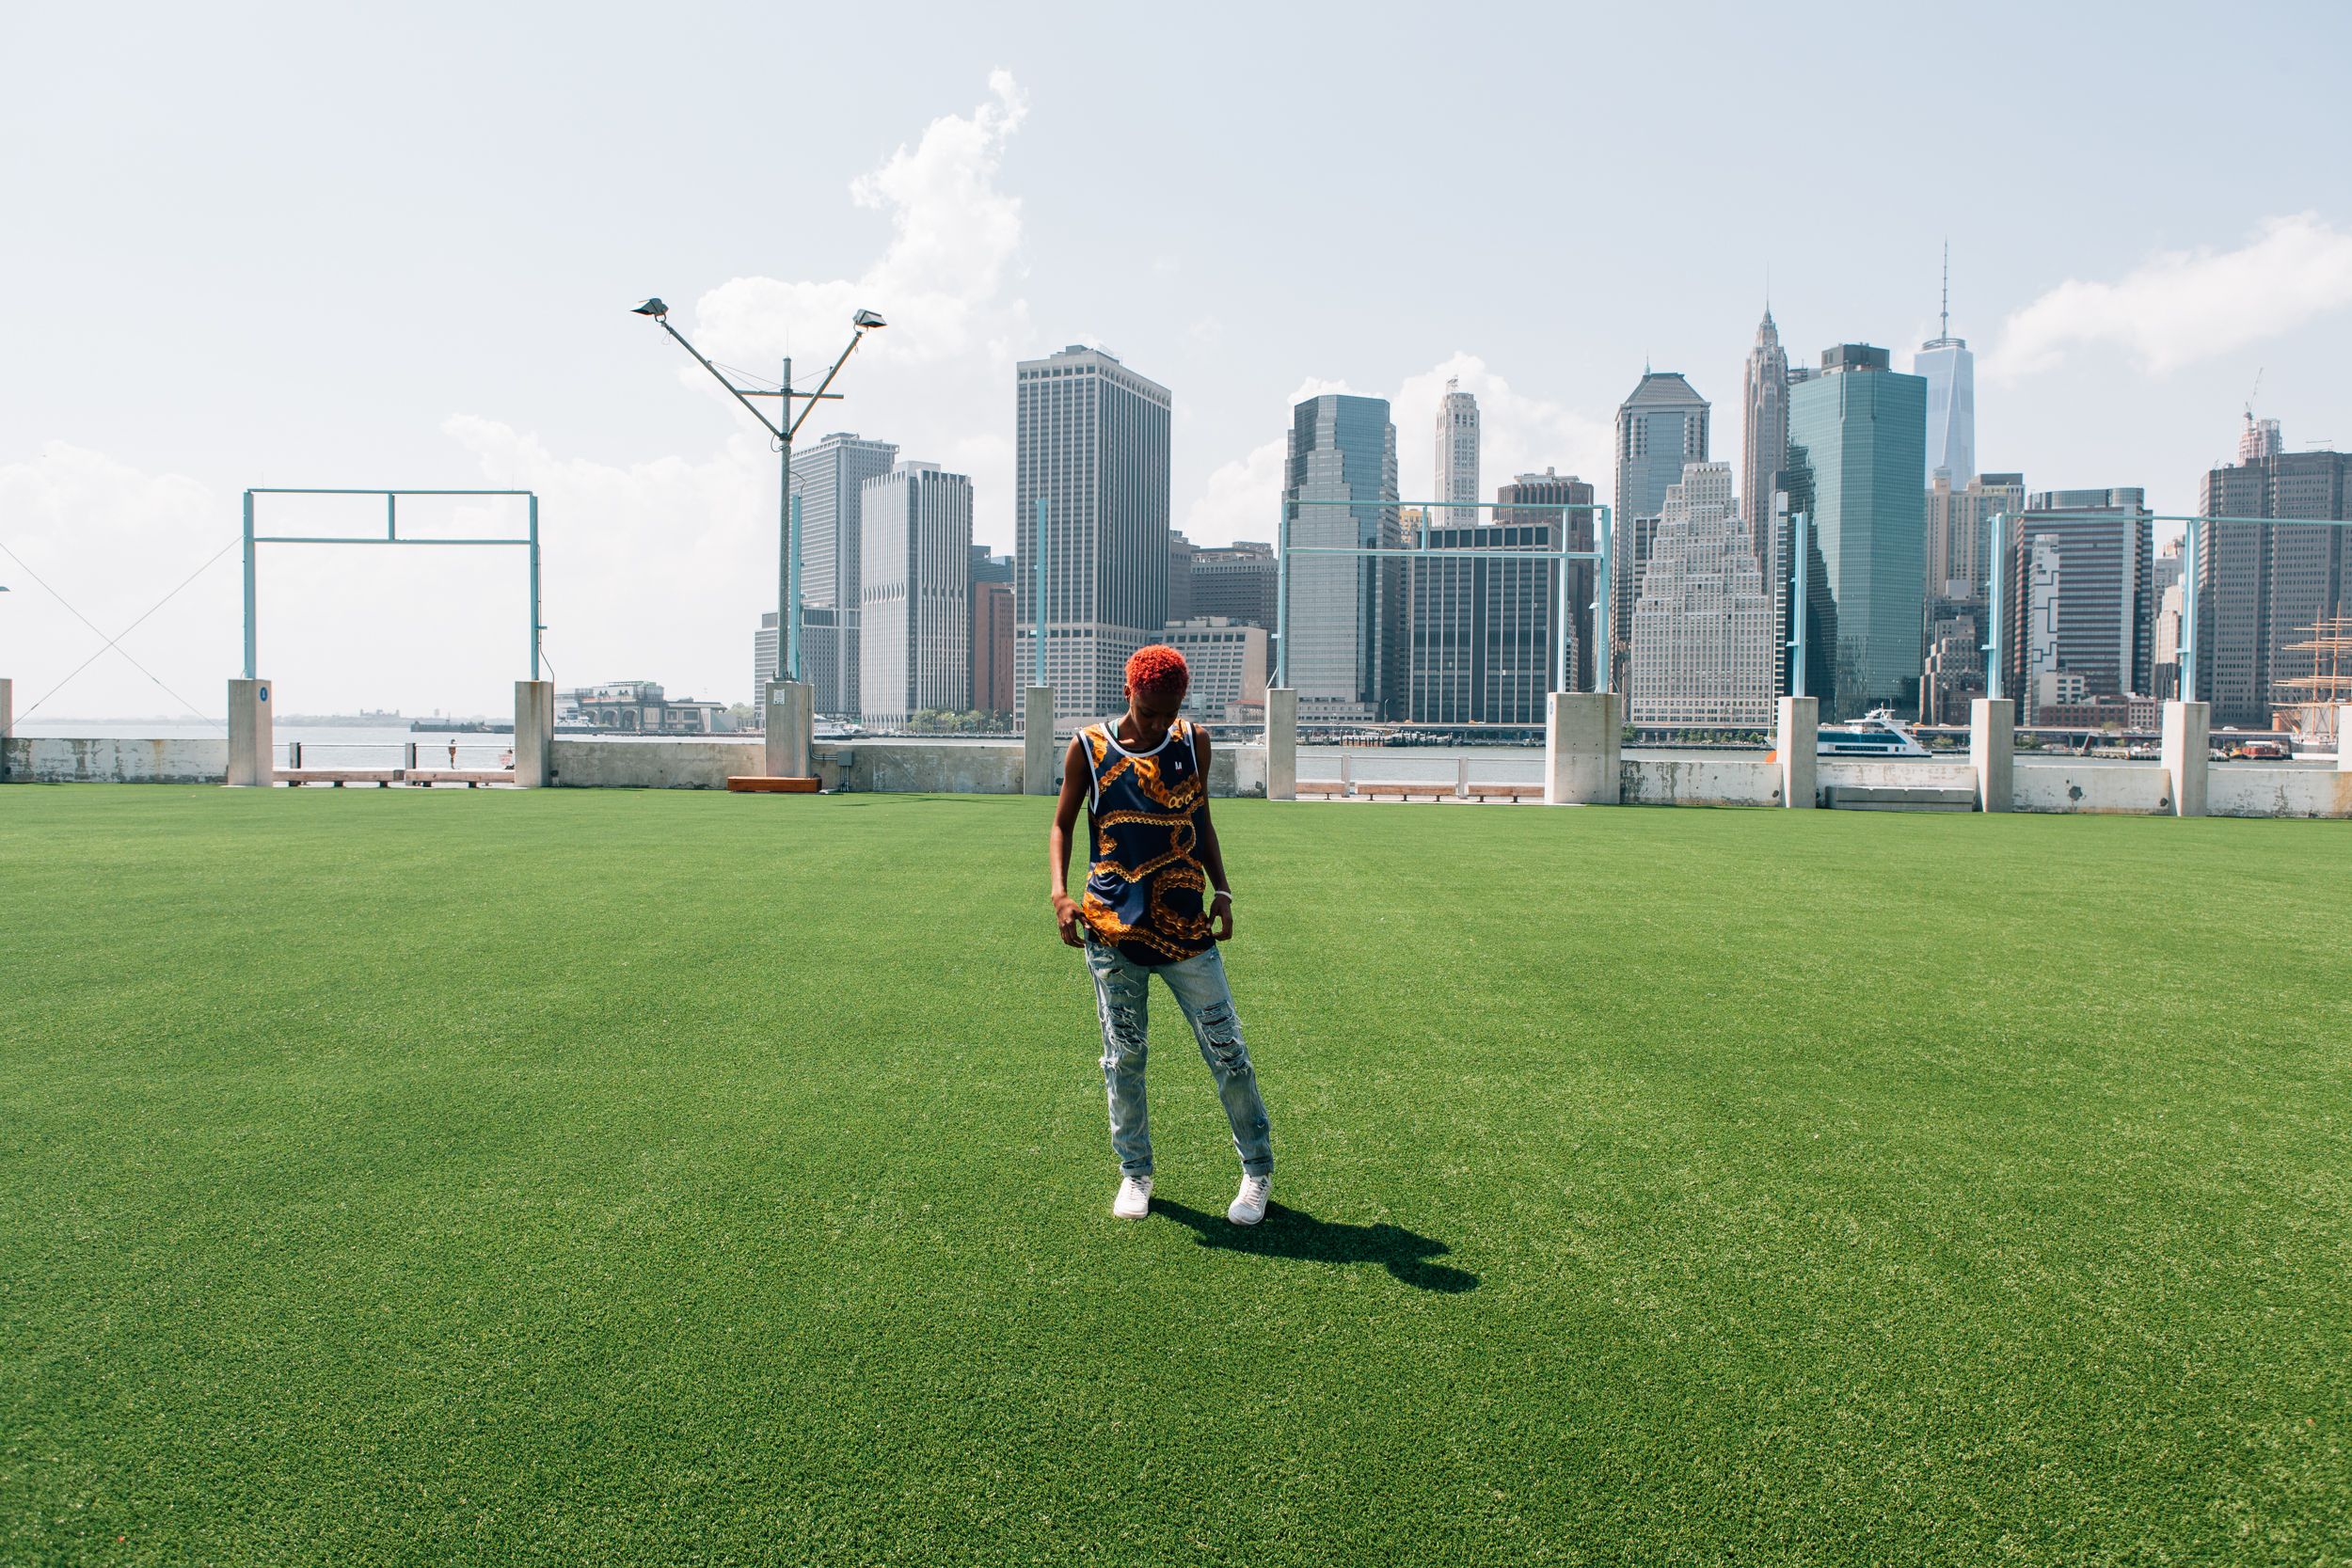 MSC Summer 2015 Lookbook shot by Herman Yung